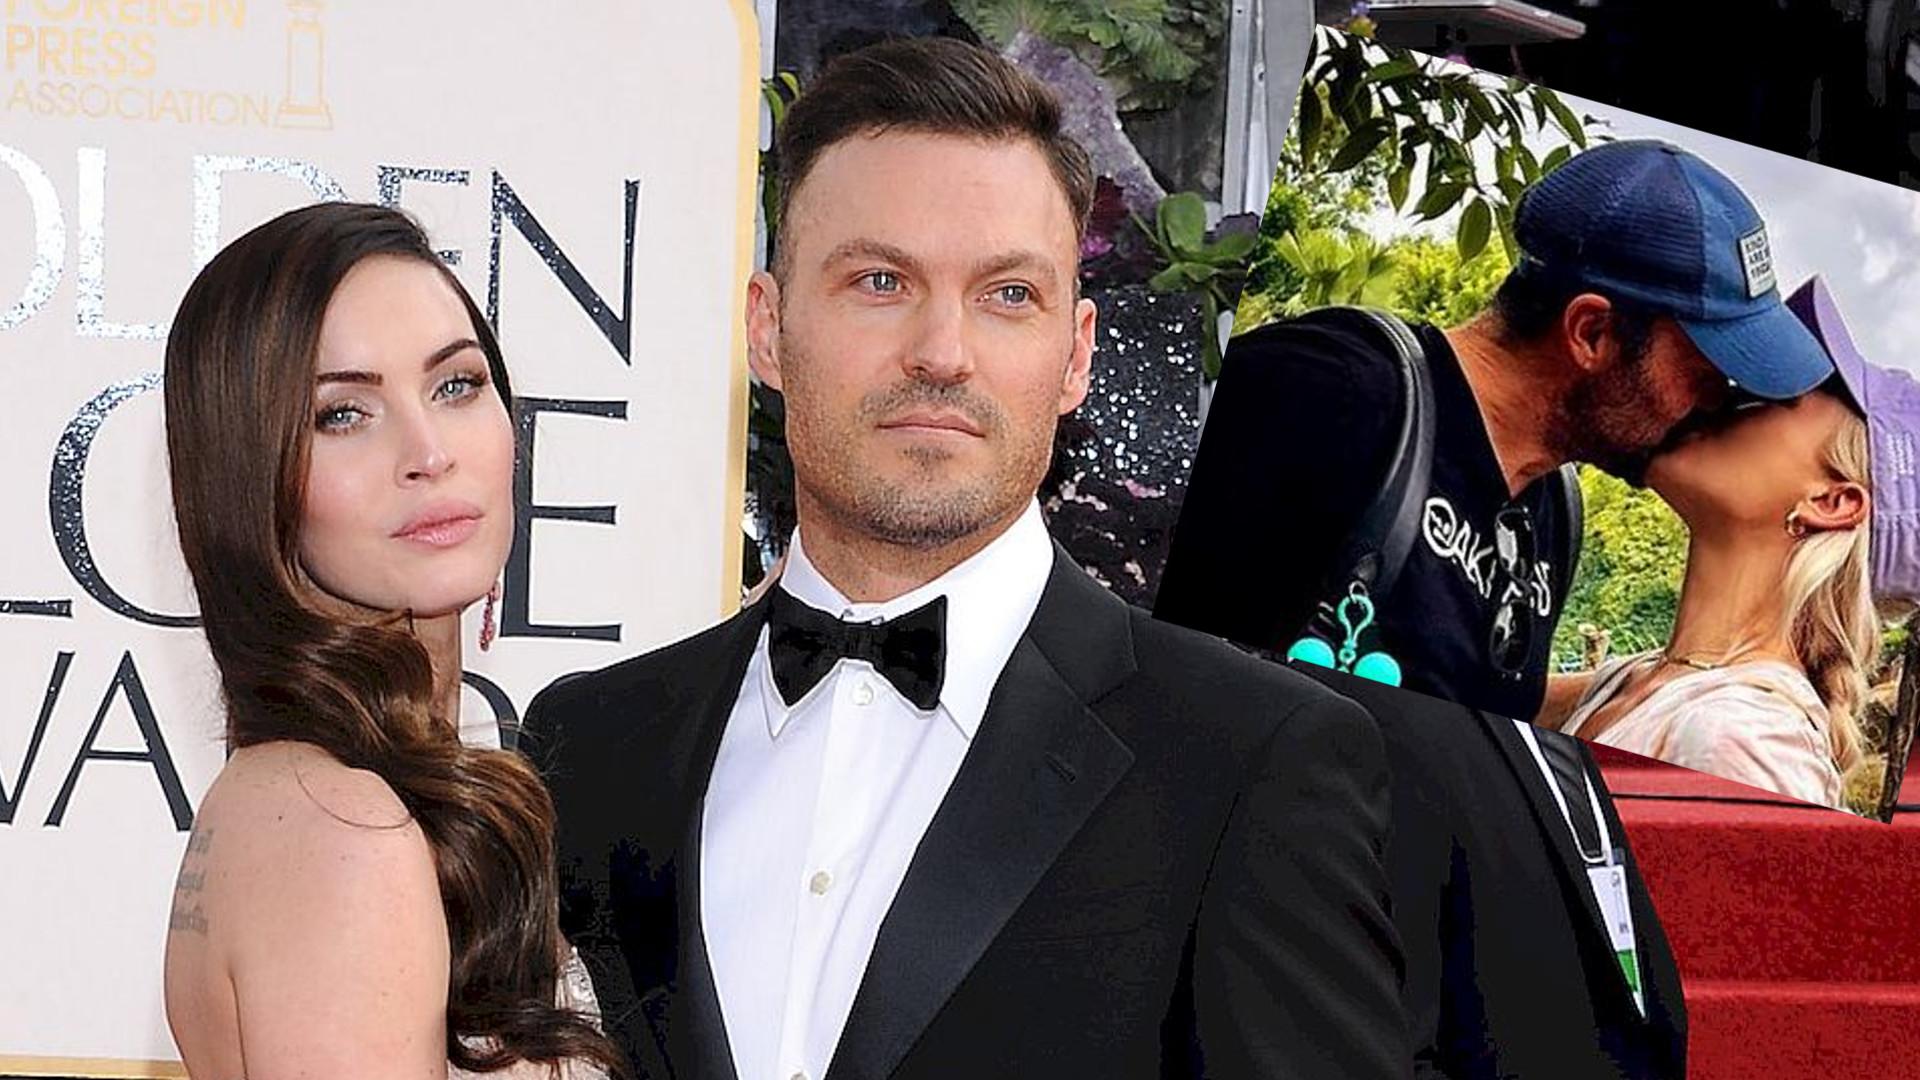 Megan Fox zostawiła KOMENTARZ pod zdjęciem byłego męża całującego się z dziewczyną. Szybko go usunęła